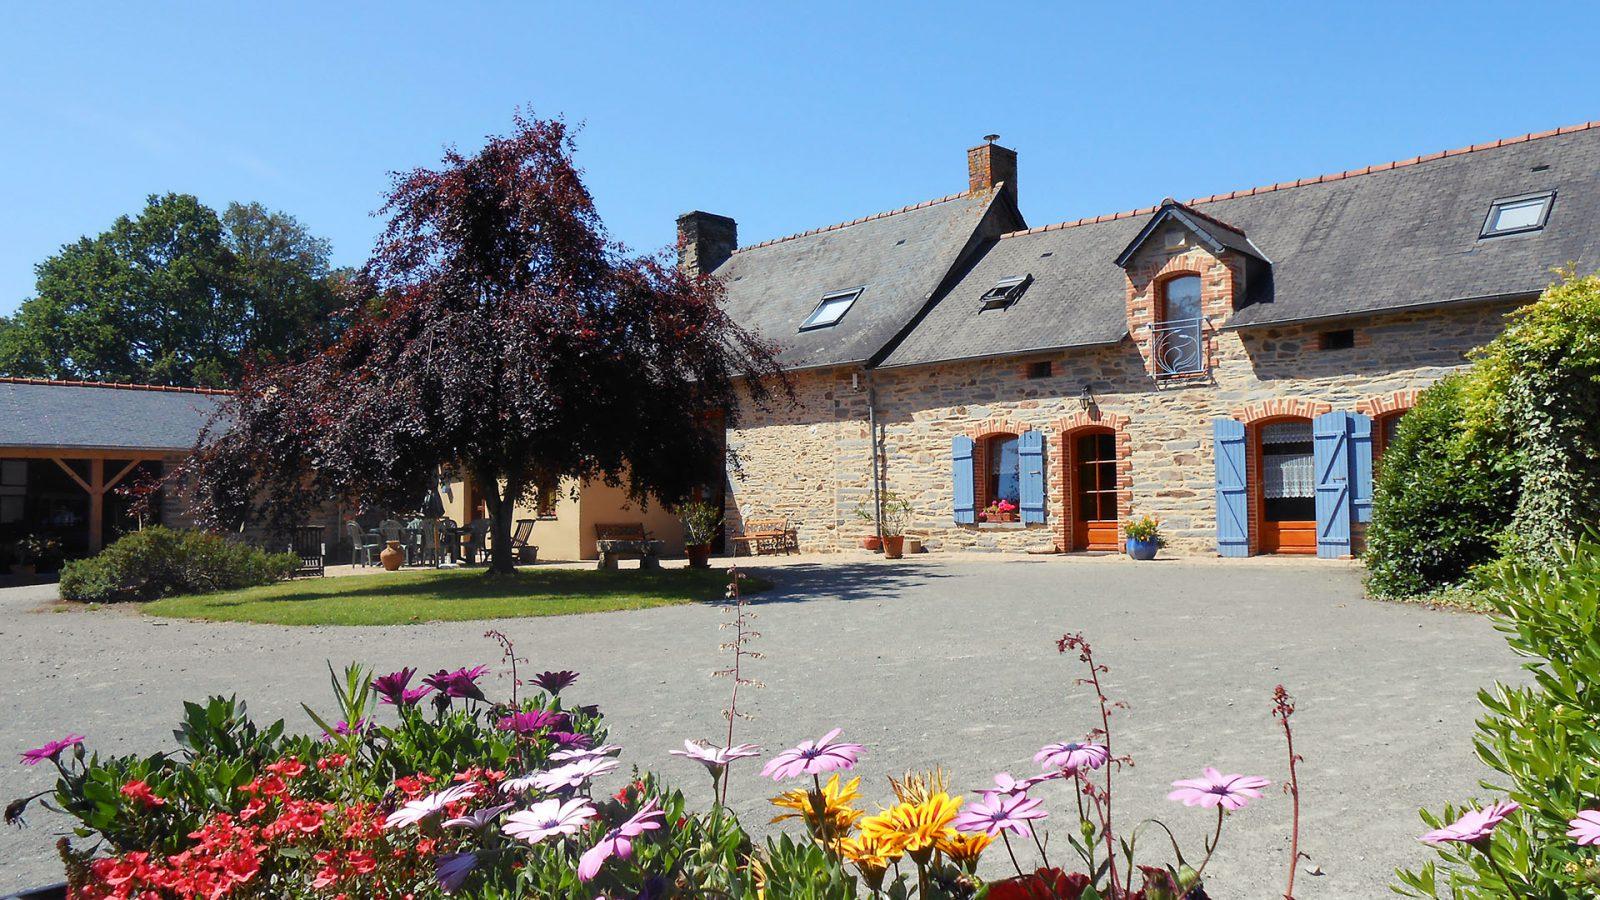 Chambres d'hôtes Guémené-Penfao Vallée du Don séjour au calme dépaysement week-end 44 Pays de Redon